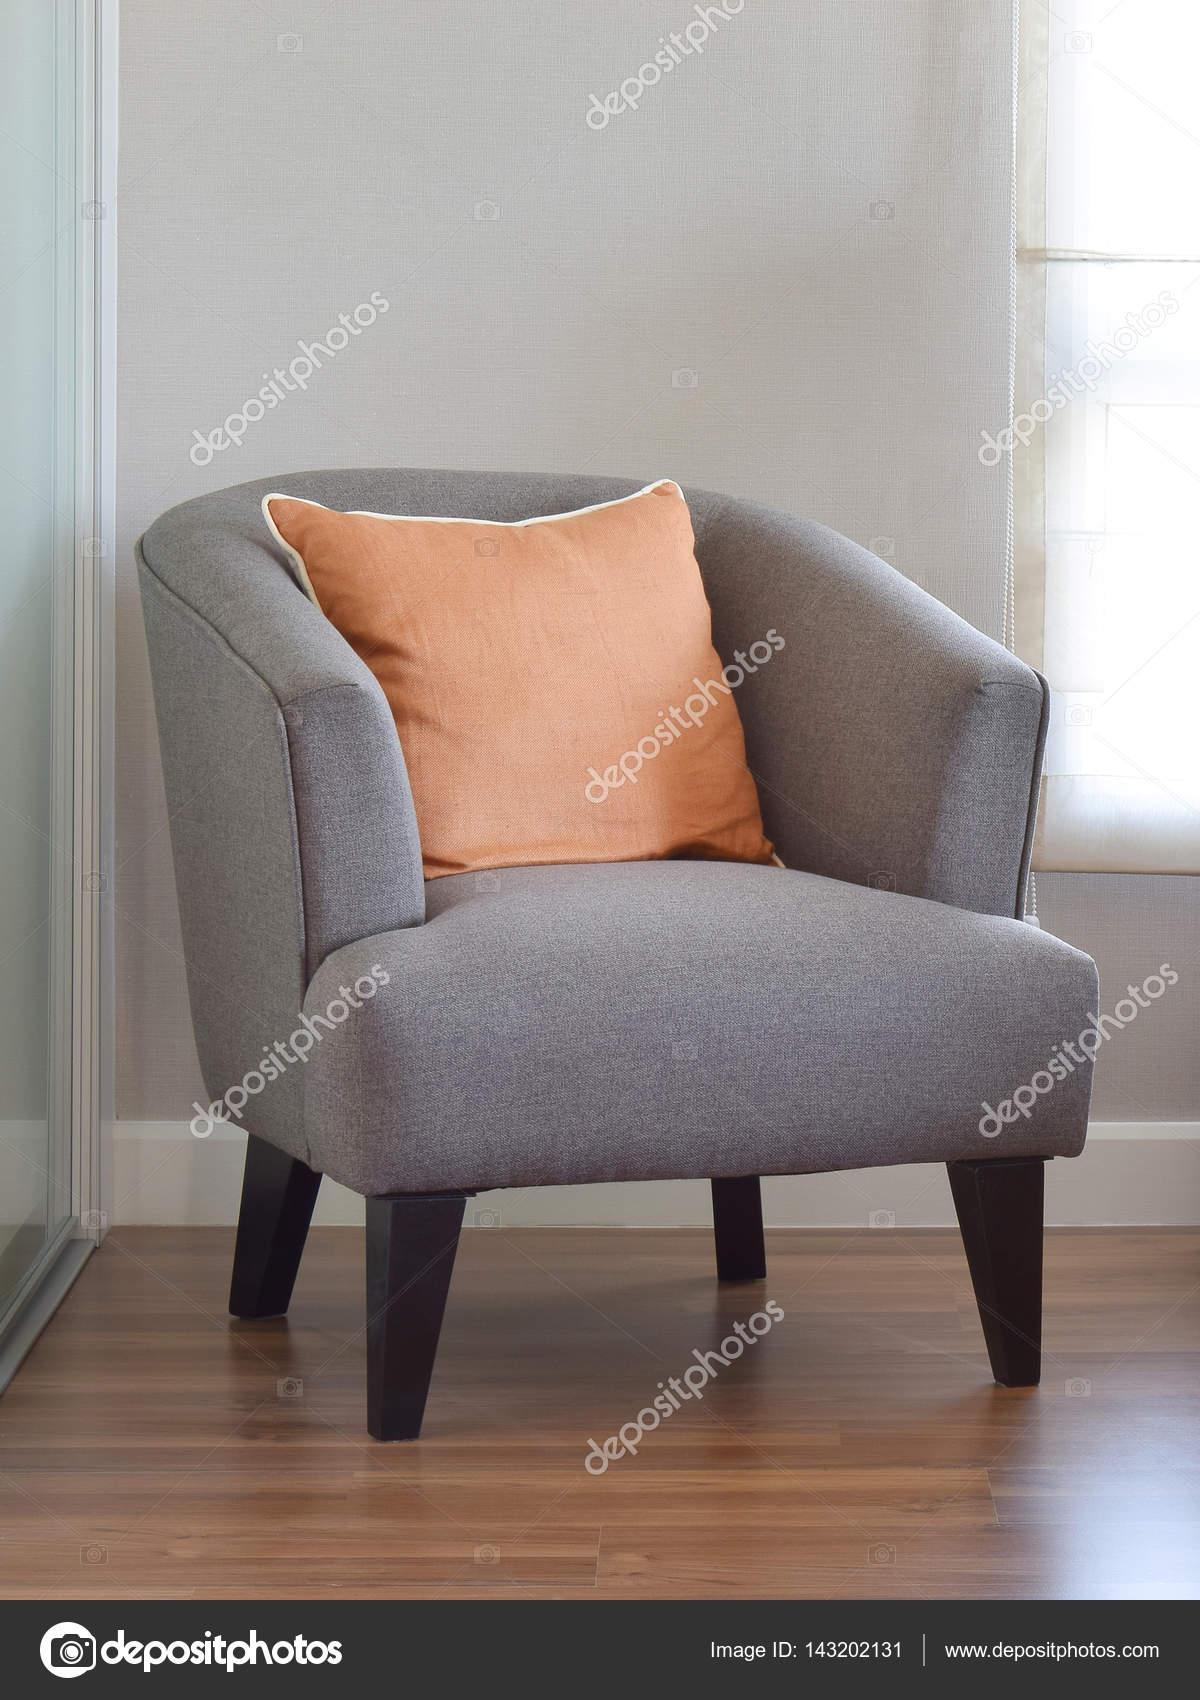 moderne Wohnzimmer Interieur mit orange Kissen auf grauen Sessel ...